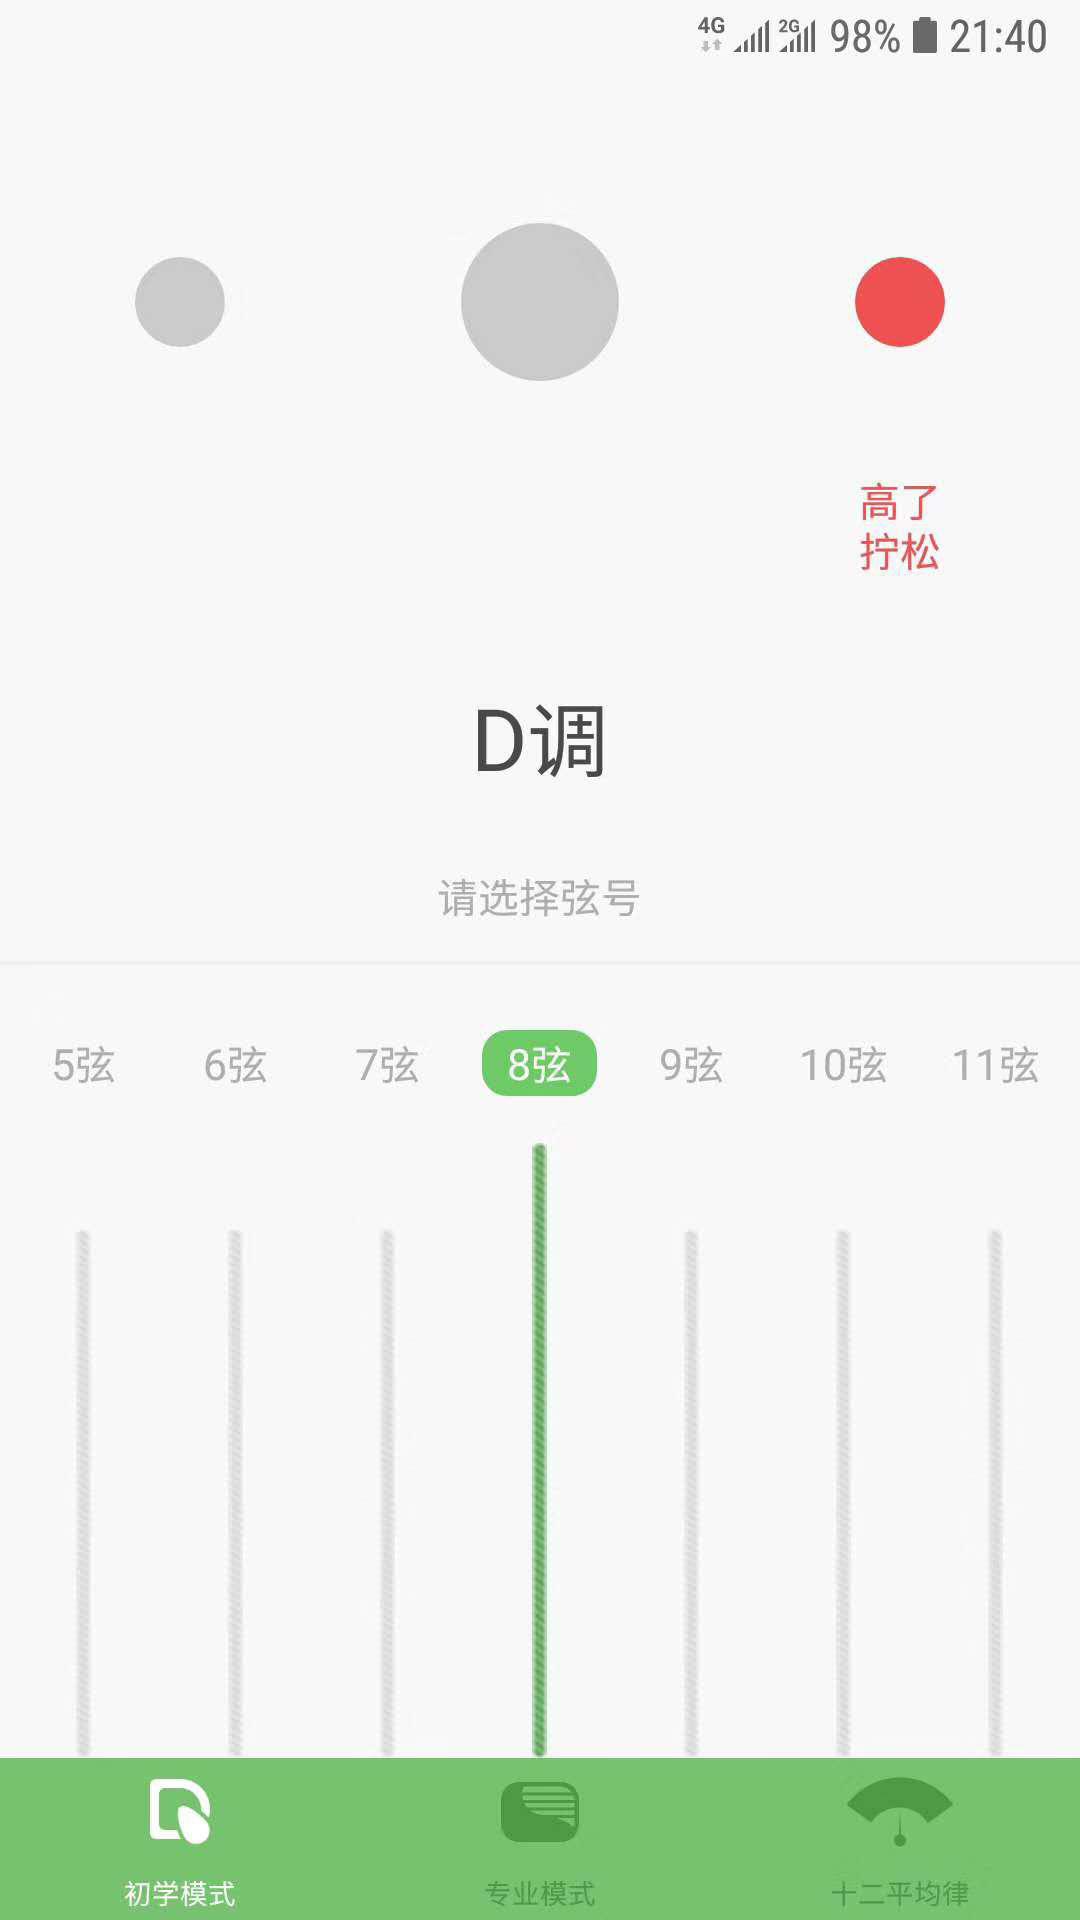 智能古筝调音器 V1.2.21 安卓版截图1